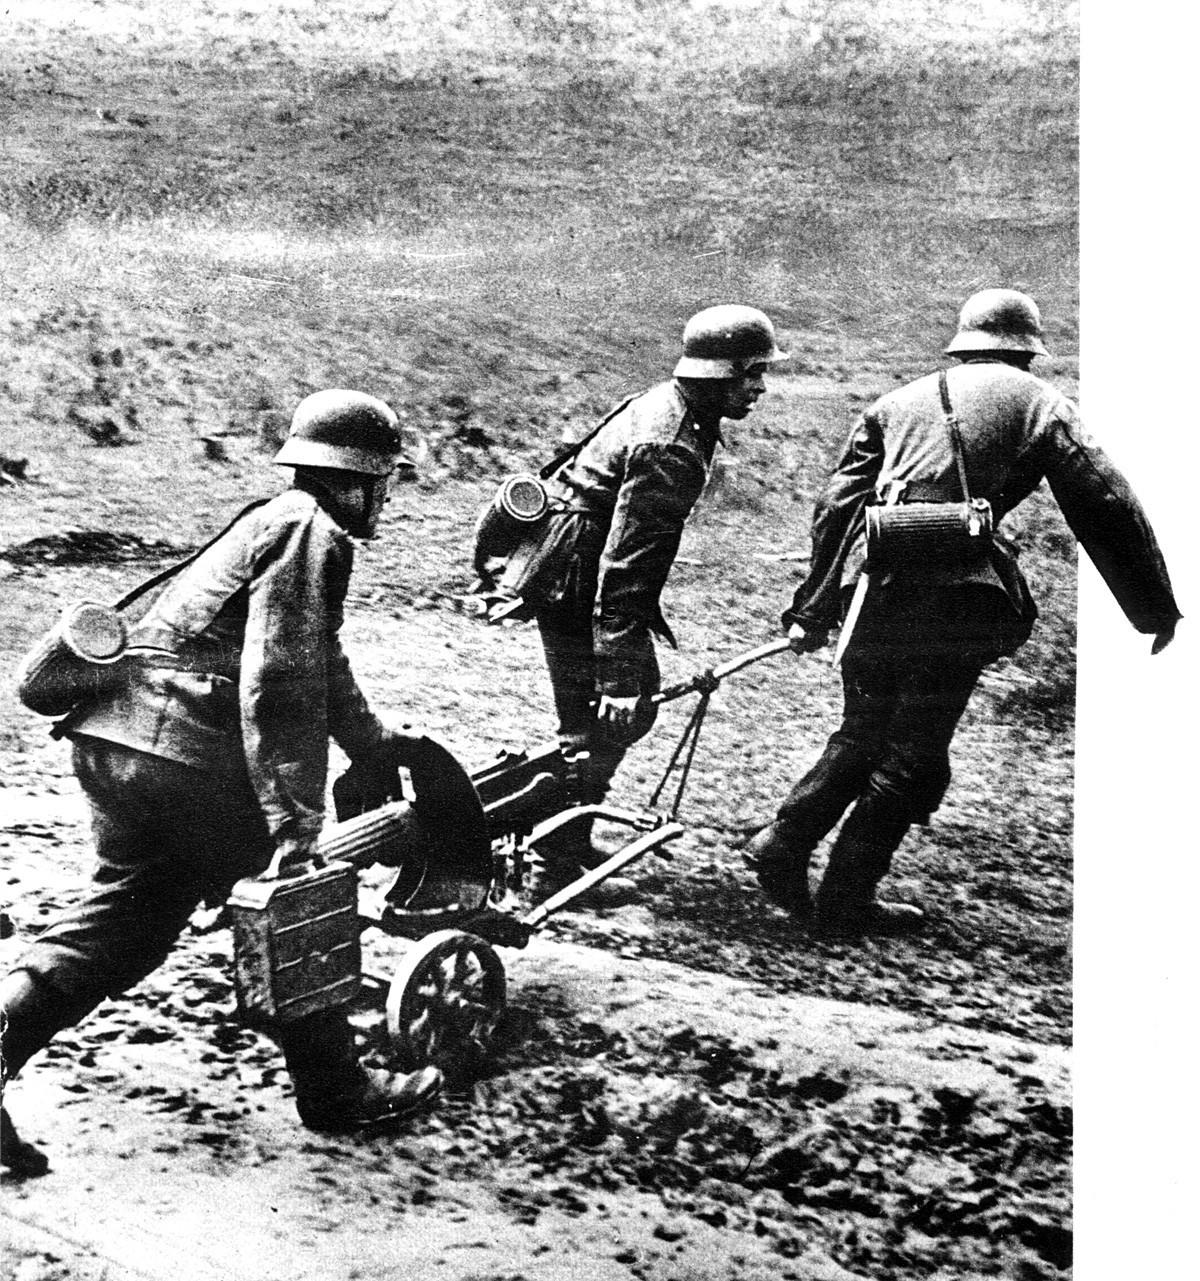 Soldati russi al servizio dell'esercito tedesco sul fronte orientale, 1941-1945